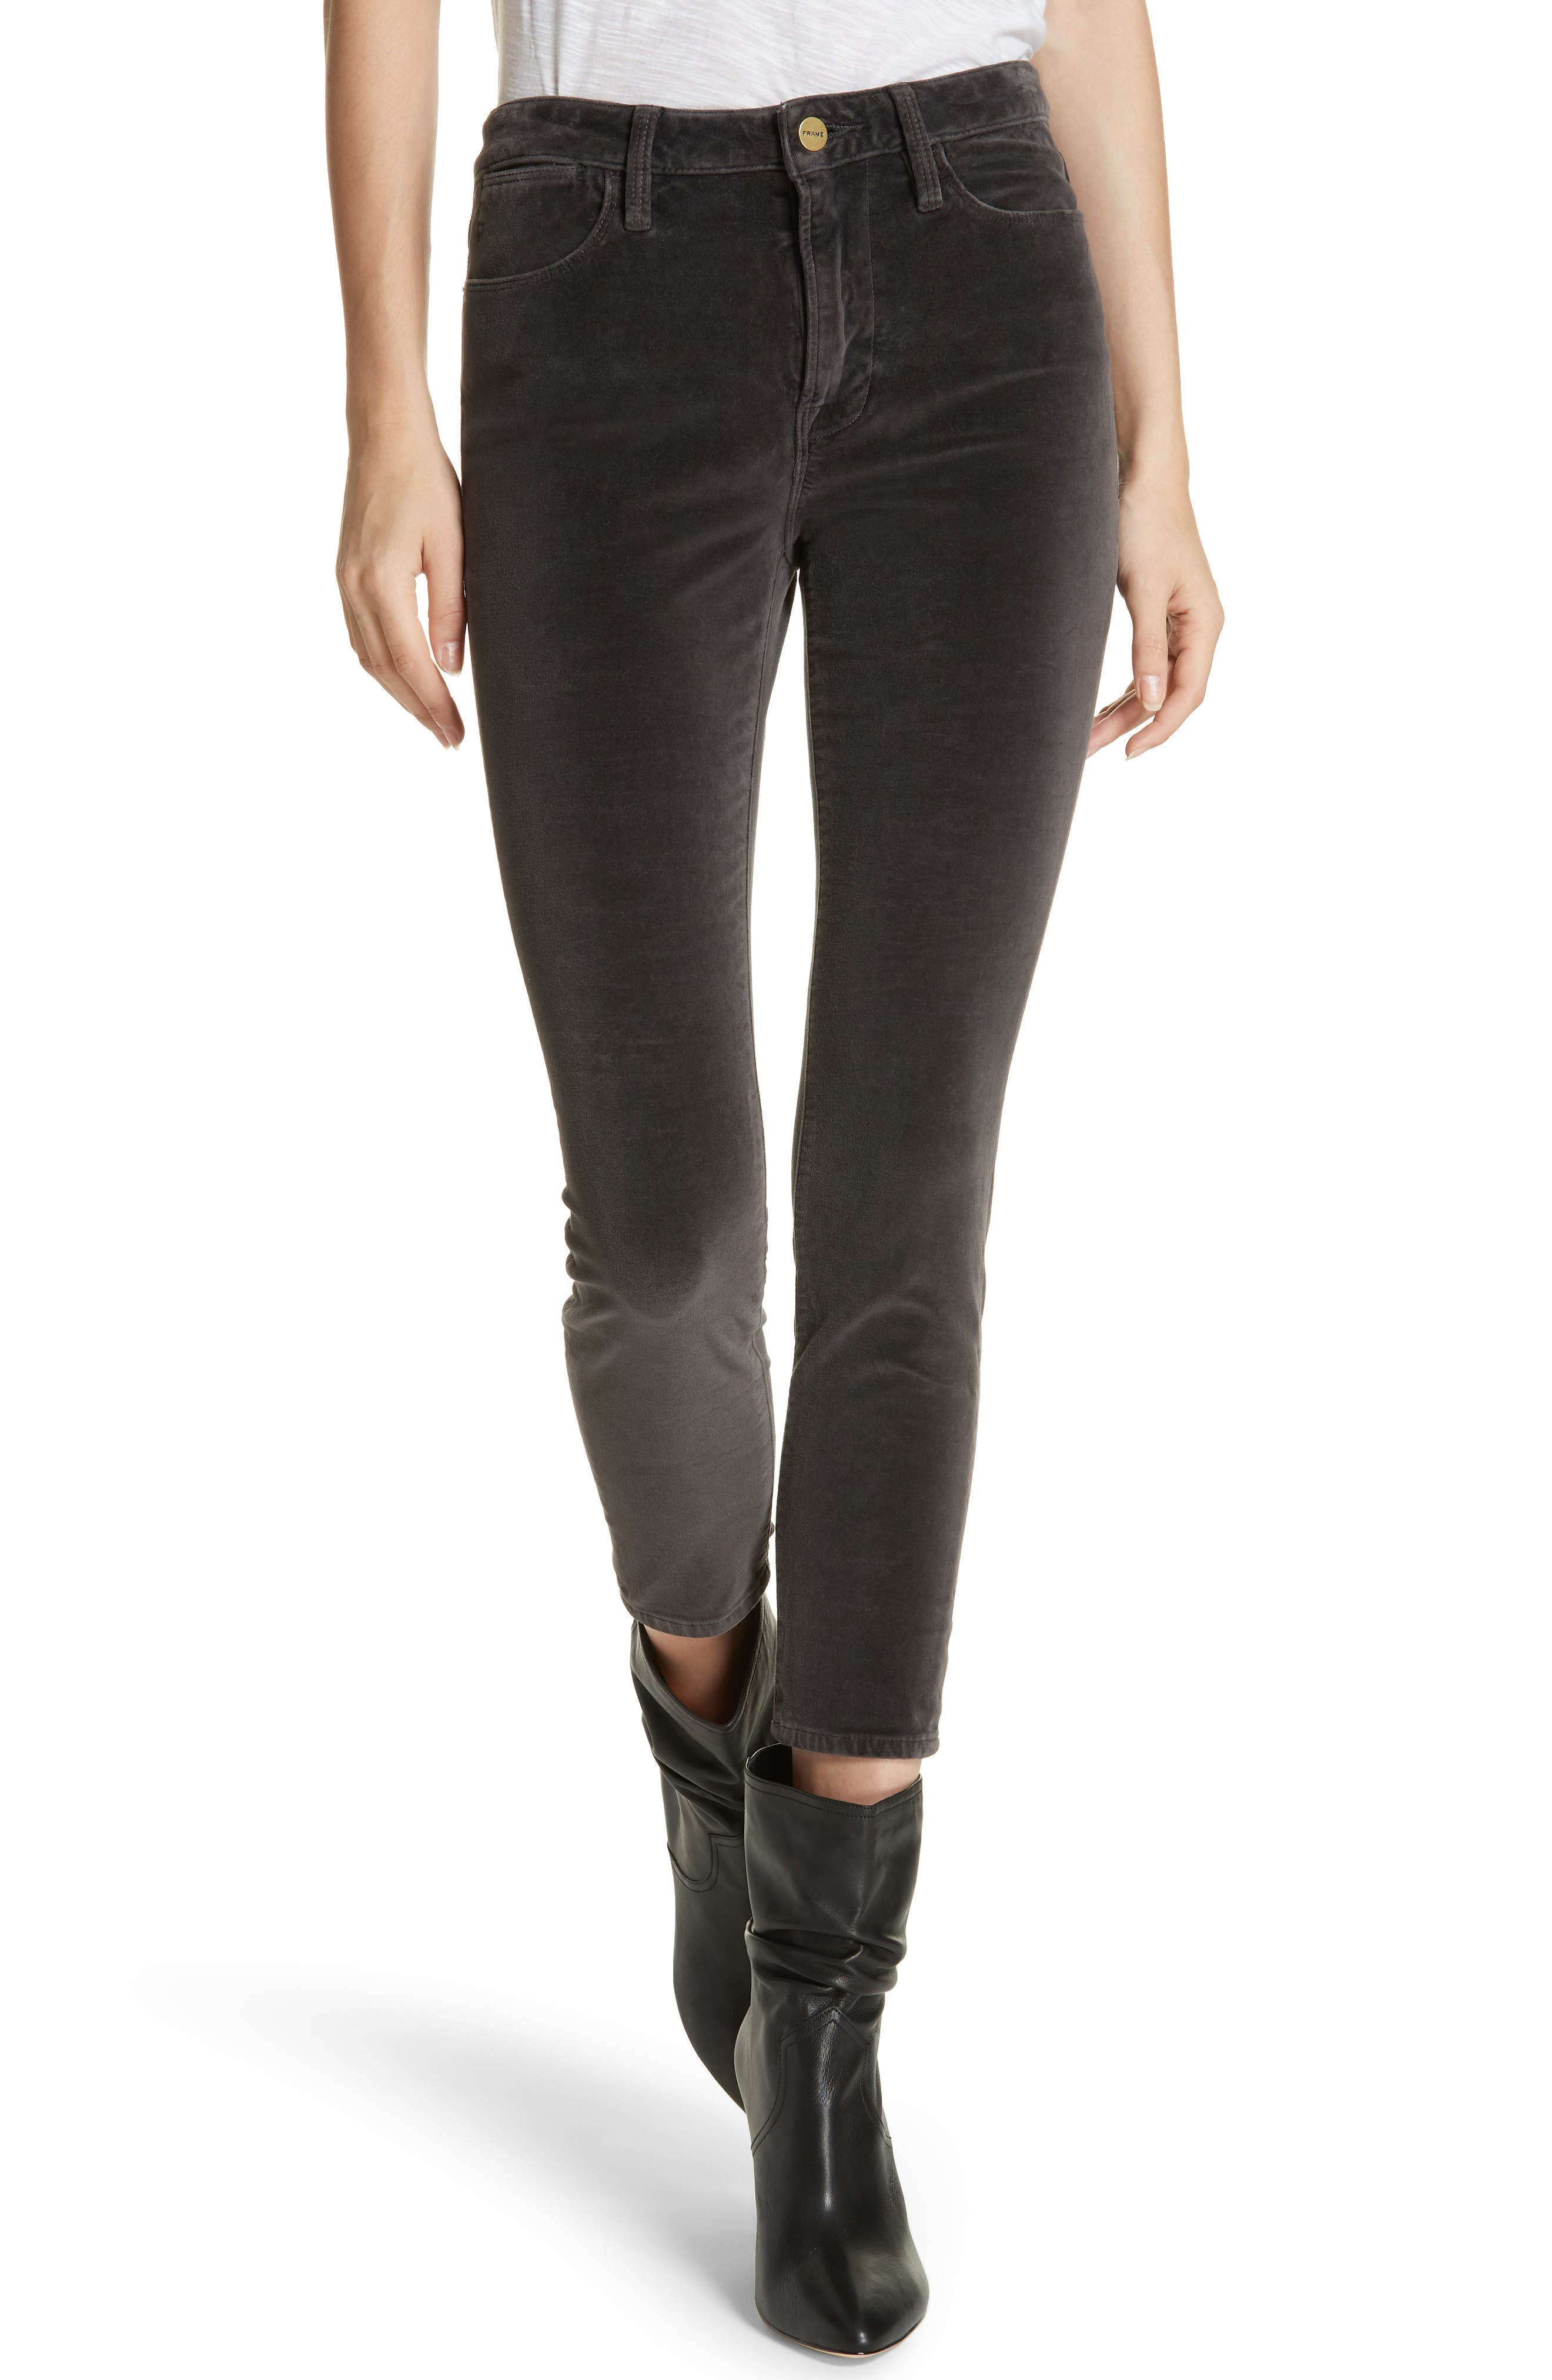 Velveteen High Waist Skinny Pants,                         Main,                         color, 021